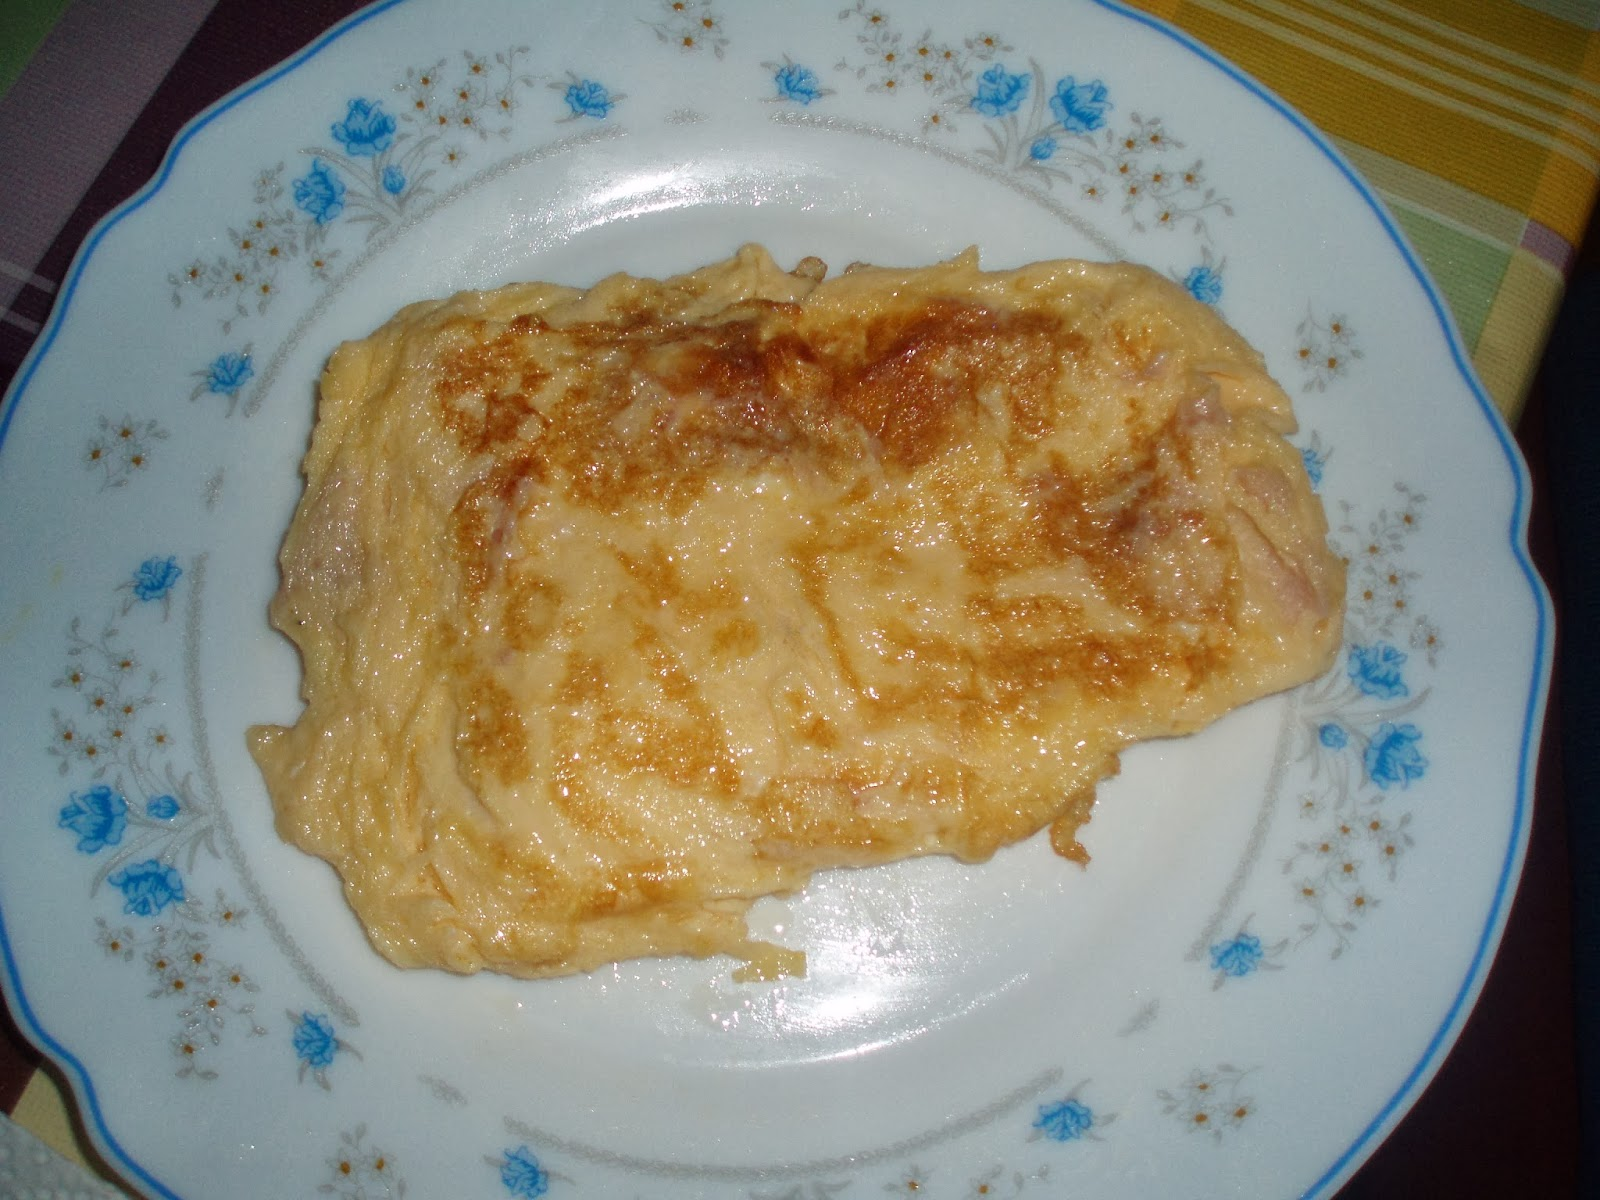 Nikky y sus historias manda - Tortilla francesa calorias ...